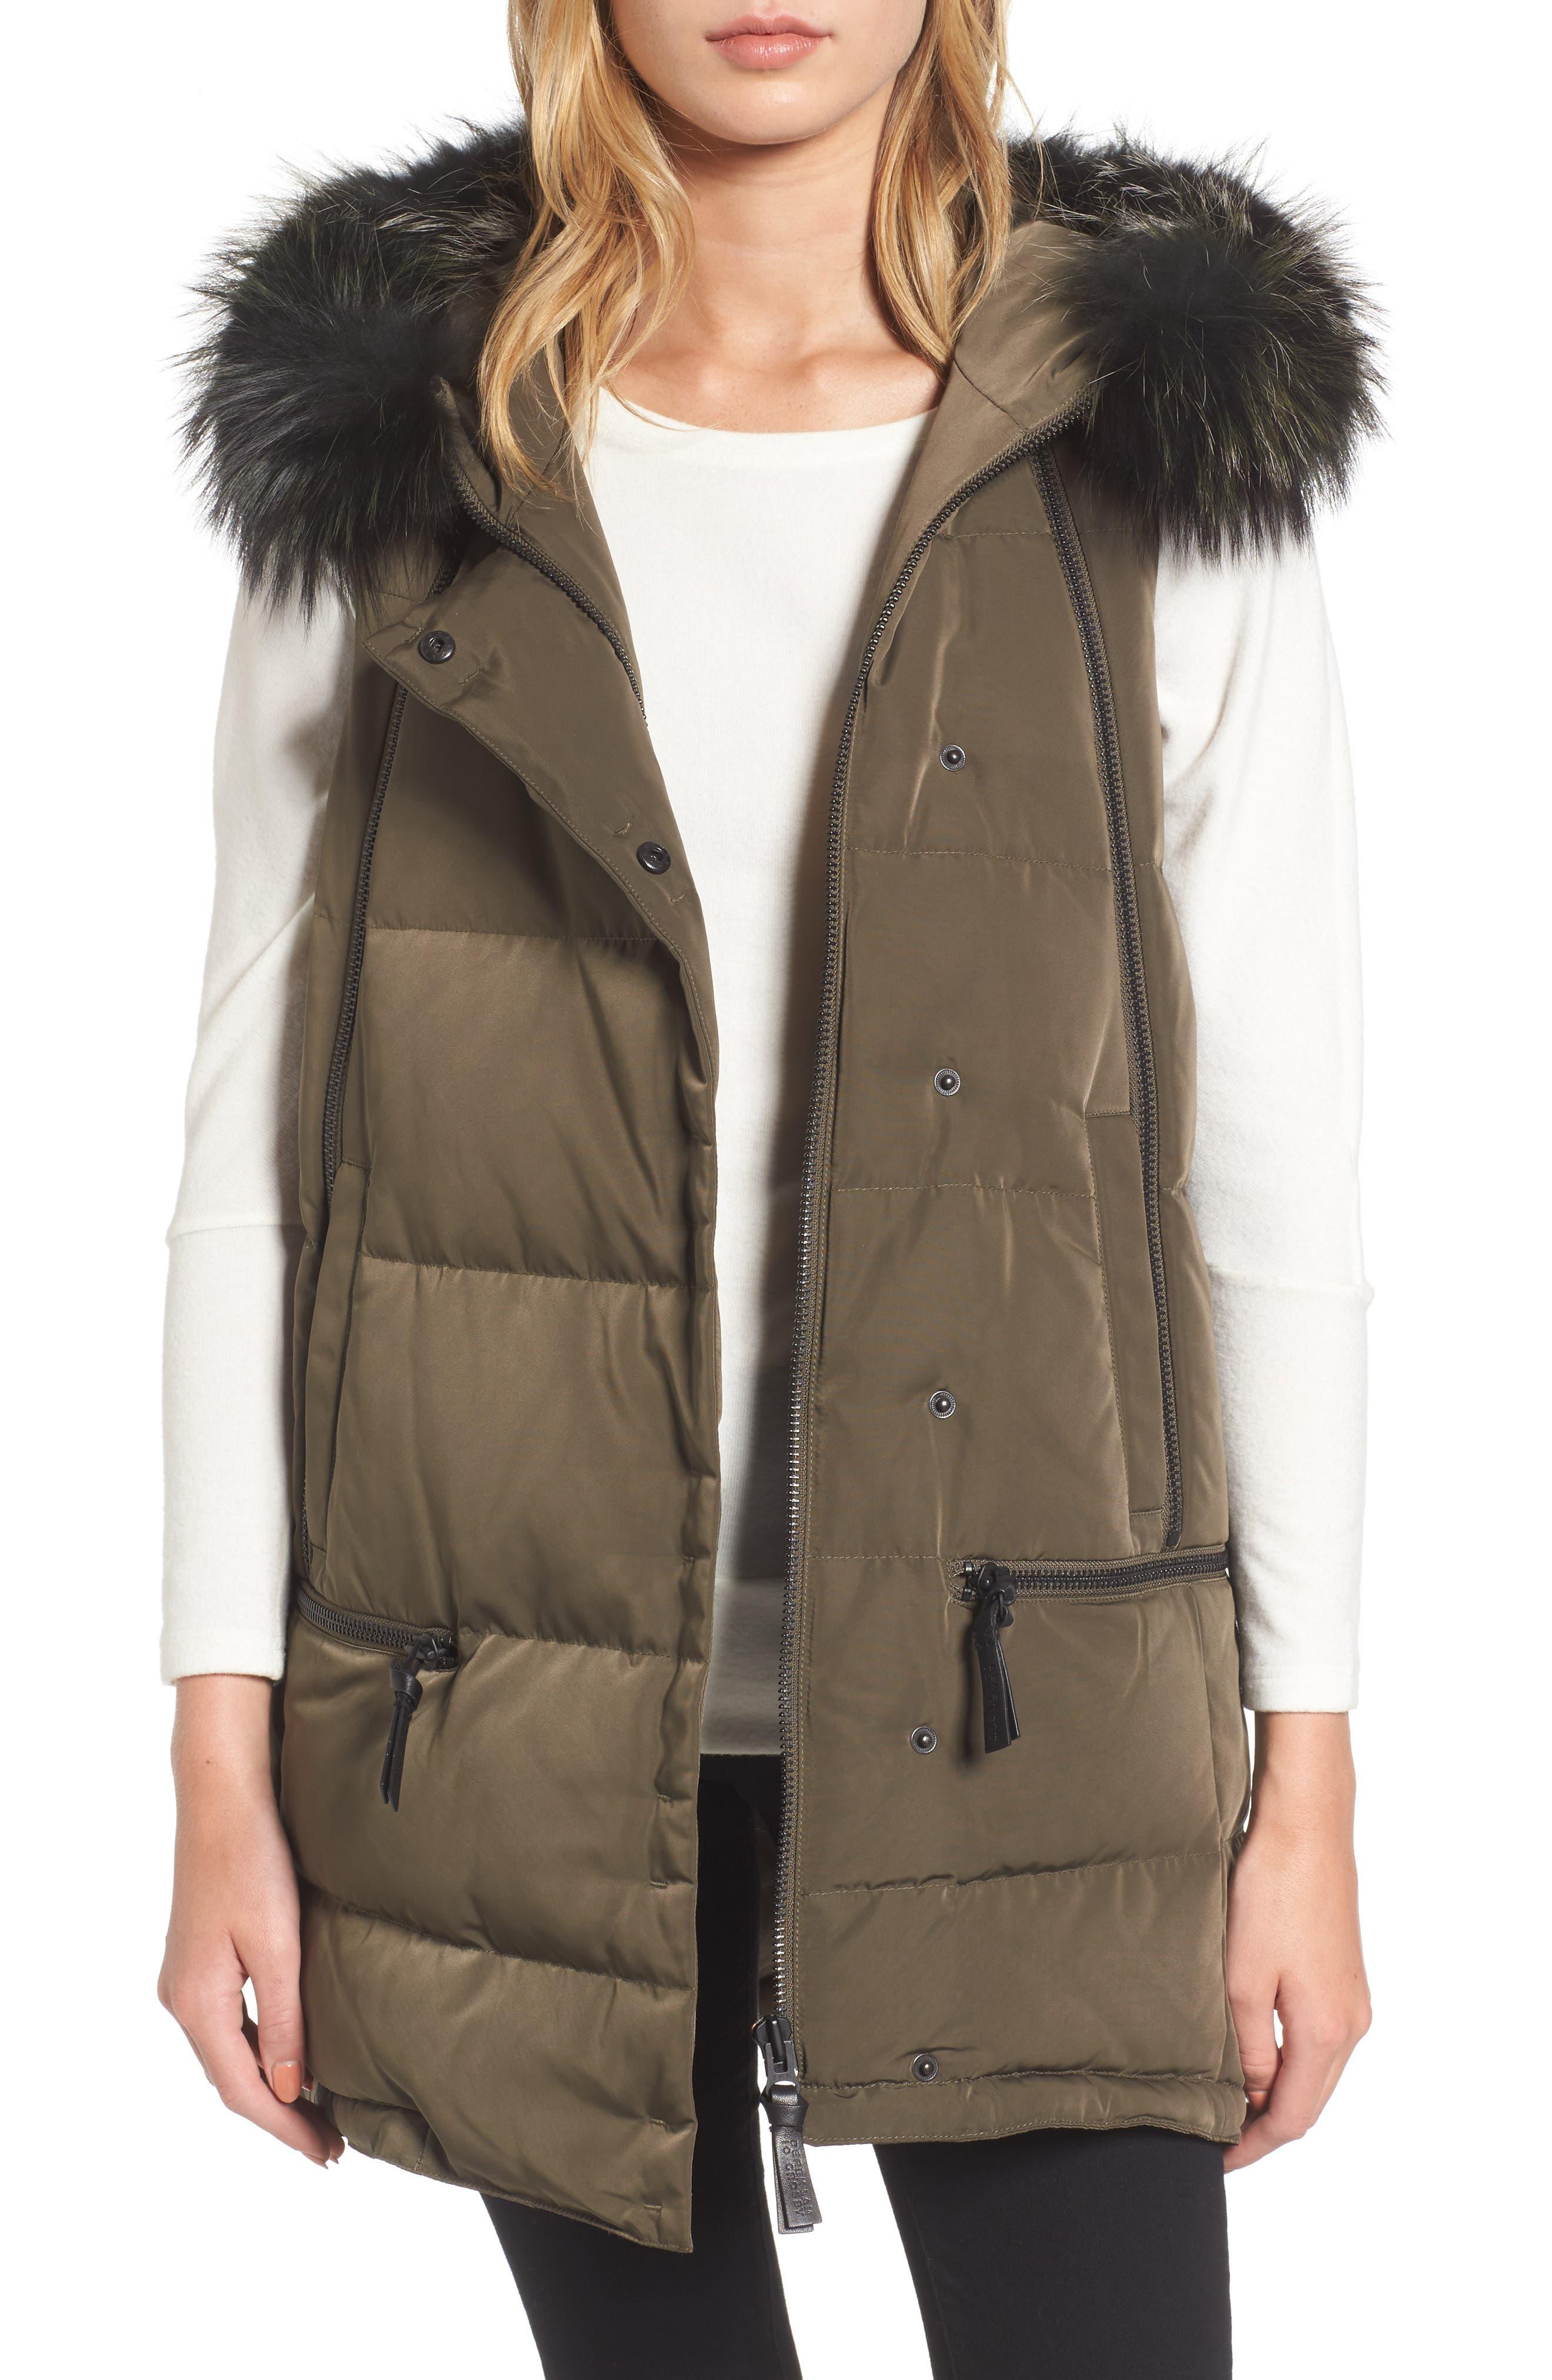 Main Image - Derek Lam 10 Crosby Vest with Genuine Fox Fur